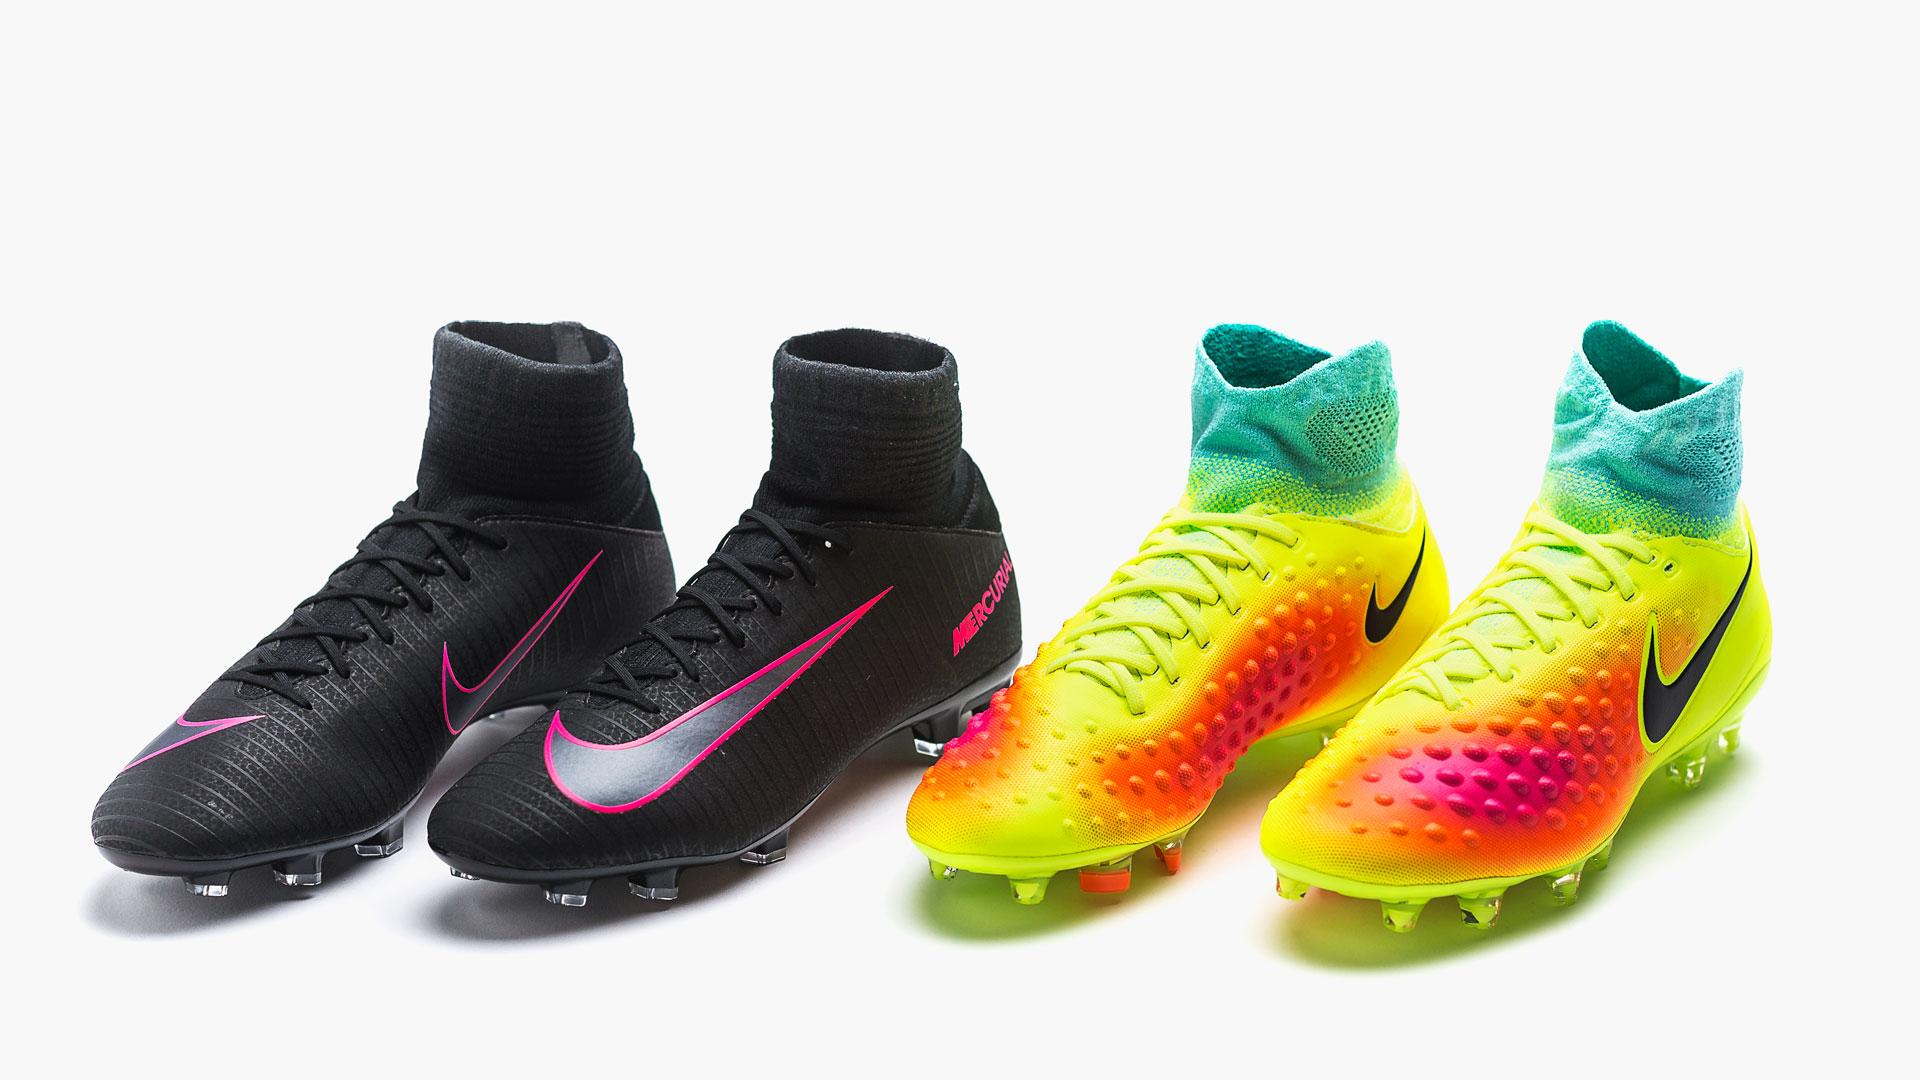 100% authentic 44e20 08342 Koop Nike voetbalschoenen met sok voor kinderen